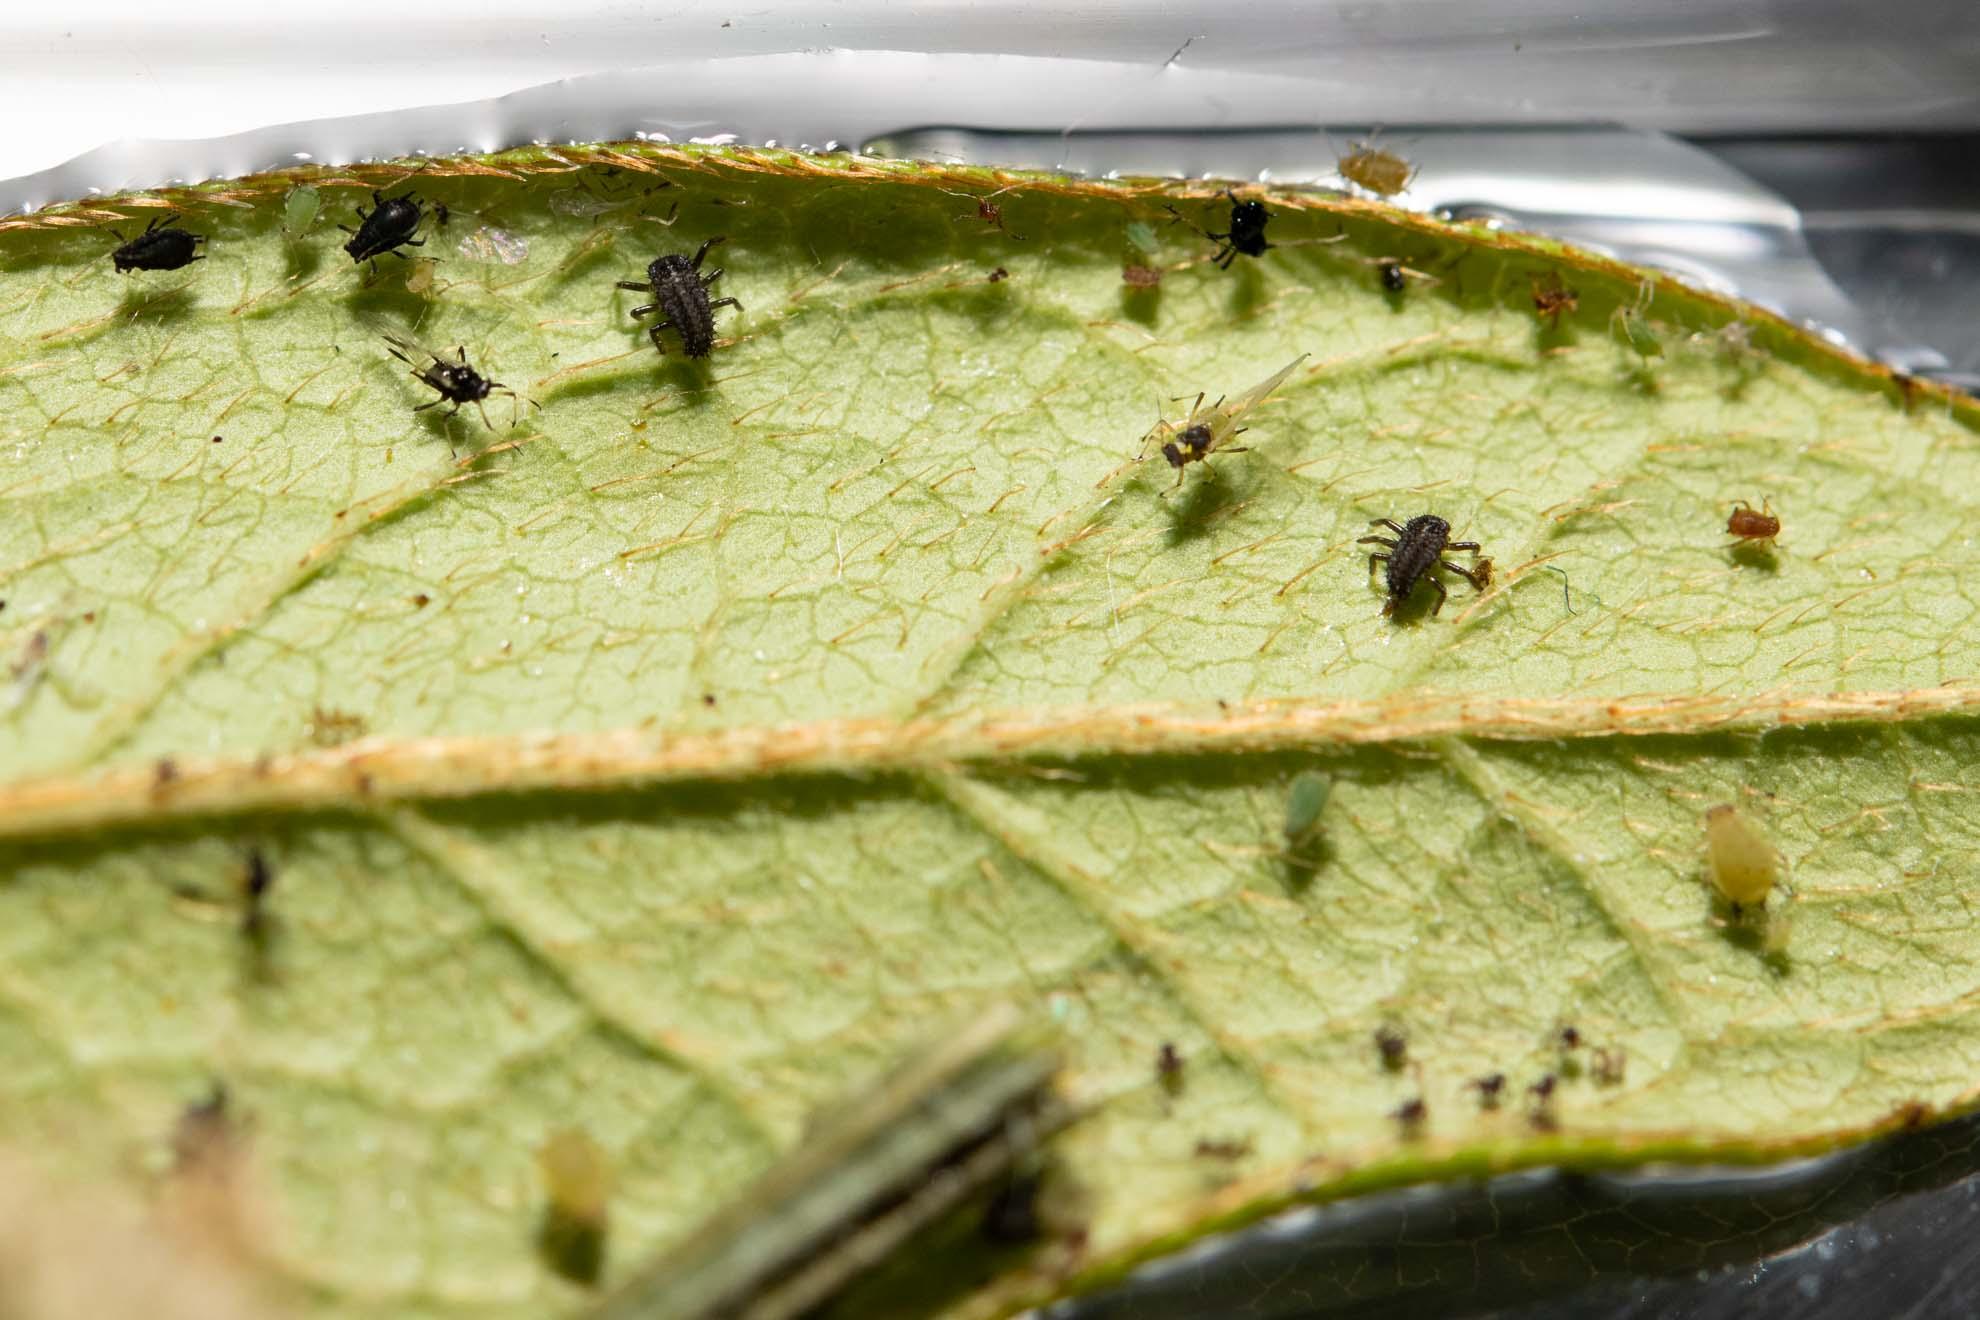 葉の裏を活発に動き回るナミテントウの1齢幼虫